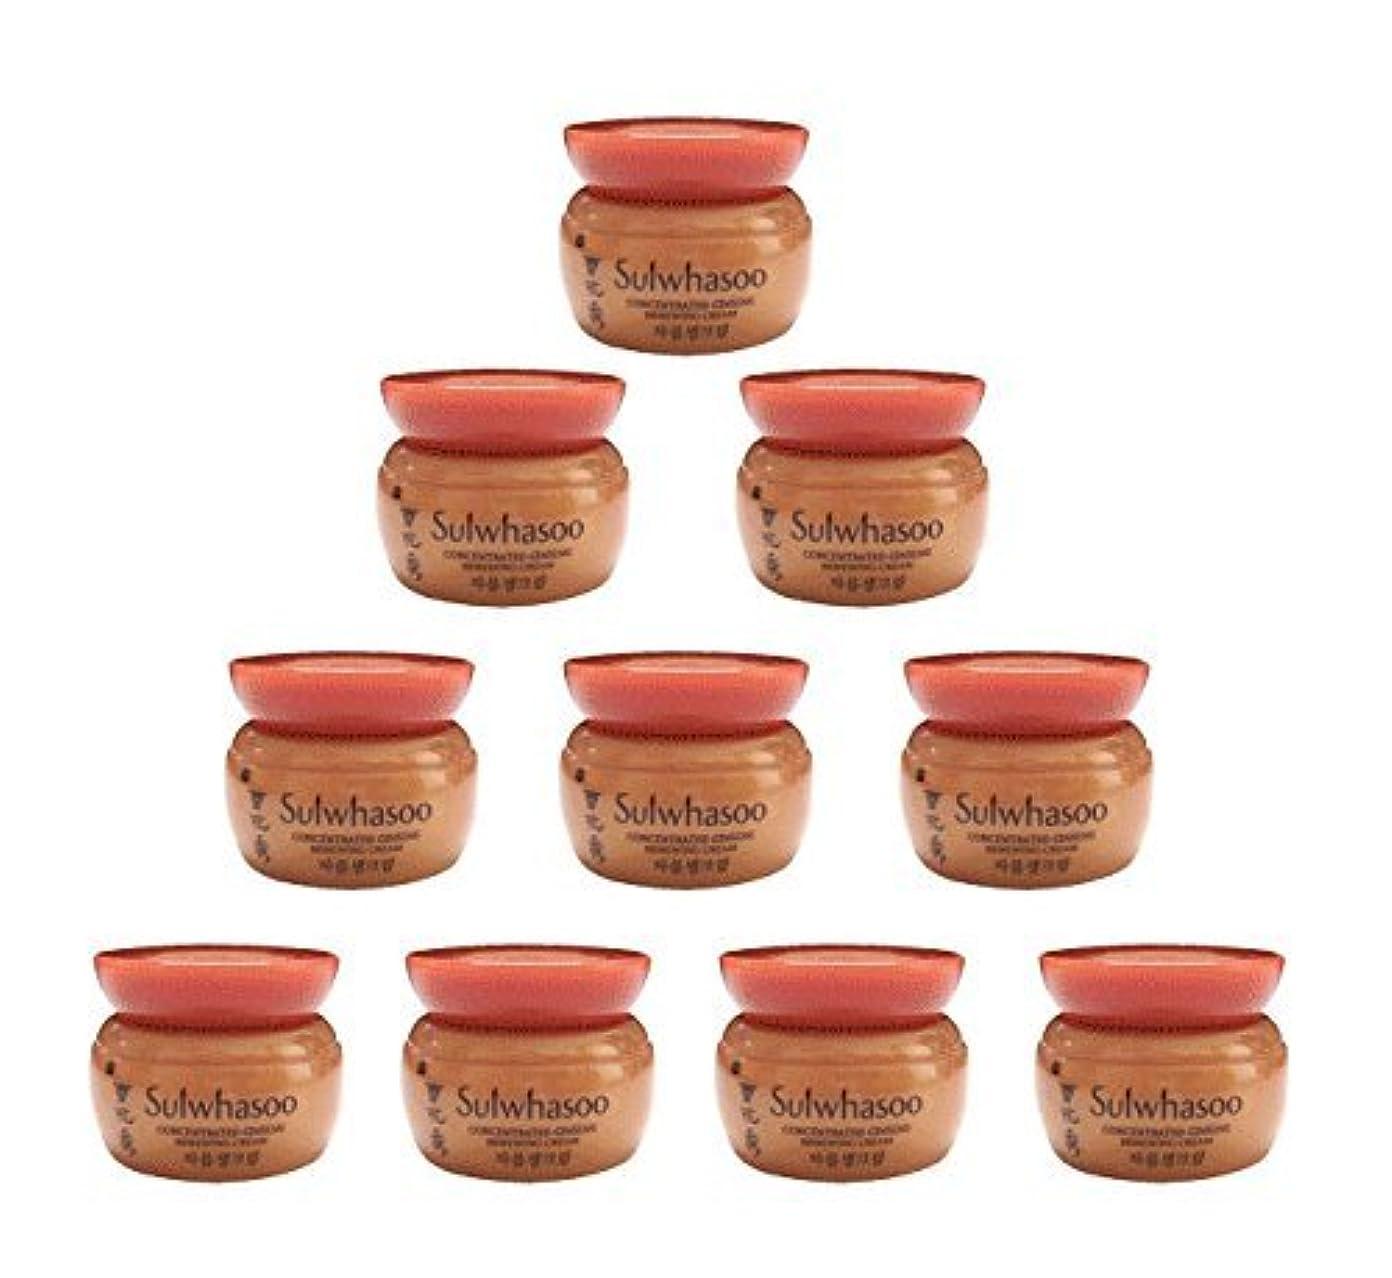 考古学的なセーターペット【ソルファス 雪花秀 Sulwhasoo】 Concentrated Ginseng Renewing Cream(50ml) 5ml x 10個 韓国化粧品 ブランドのサンプル [並行輸入品]